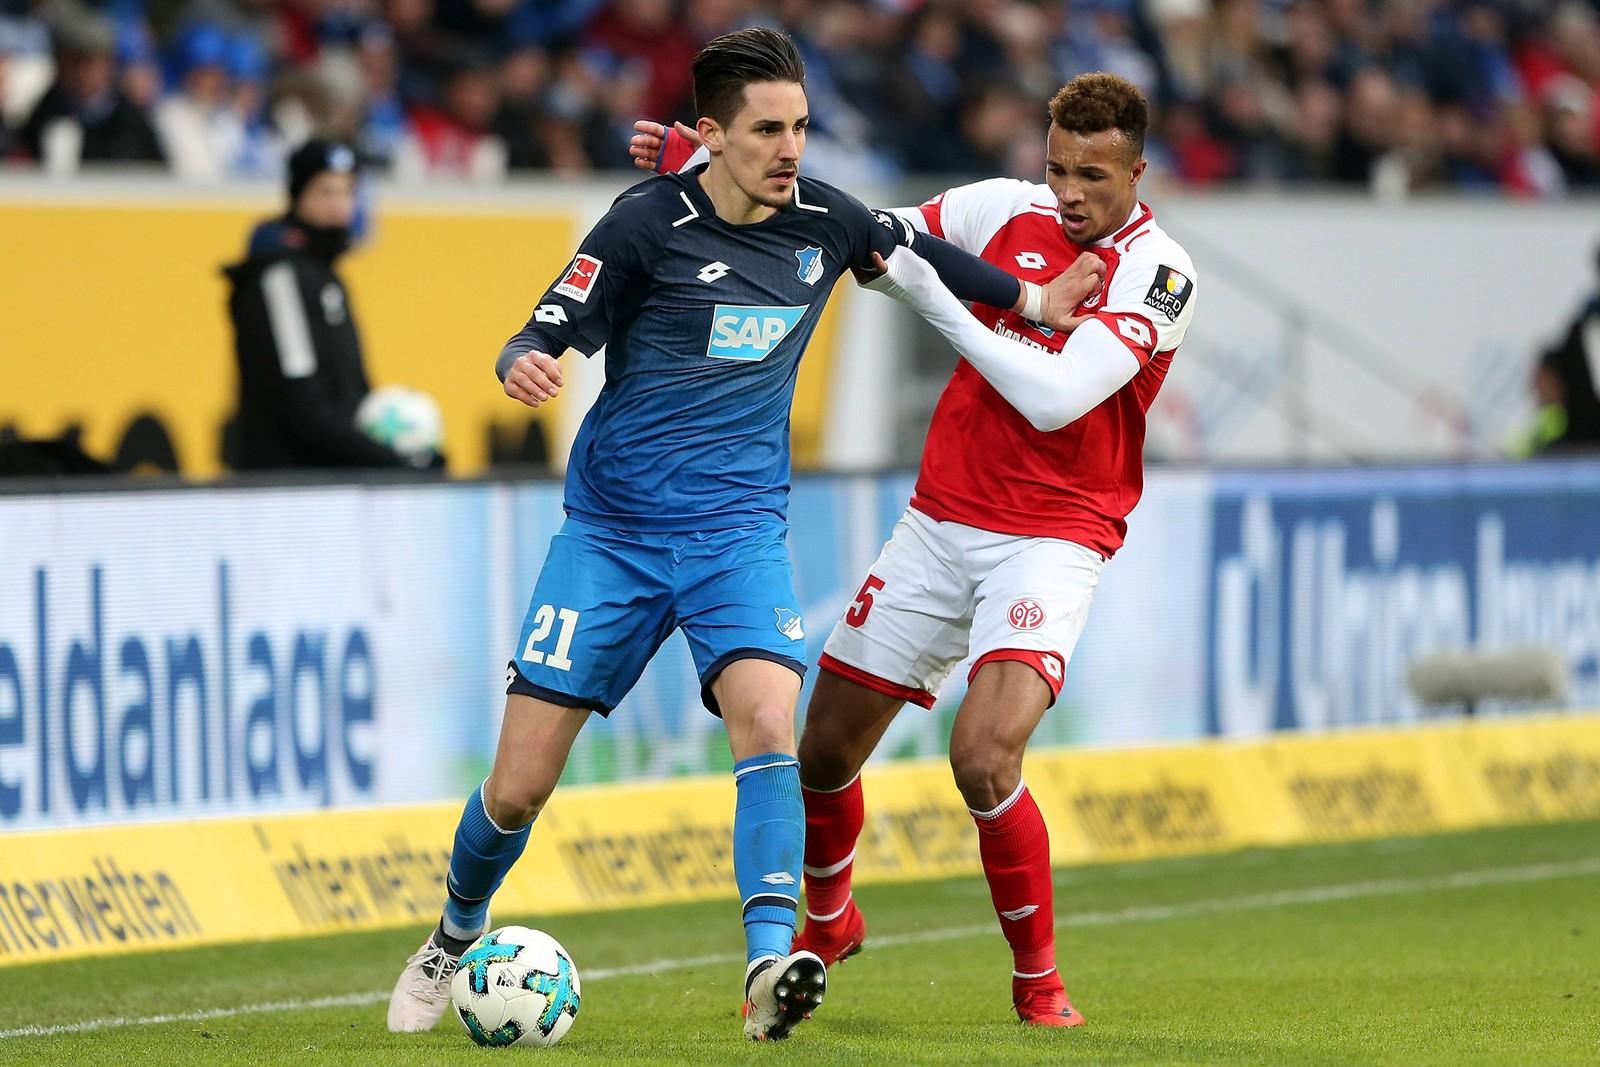 Können Benjamin Hübner und Jean-Philippe Gbamin eine erneute Torflut verhindern? Jetzt auf Hoffenheim gegen Mainz wetten!